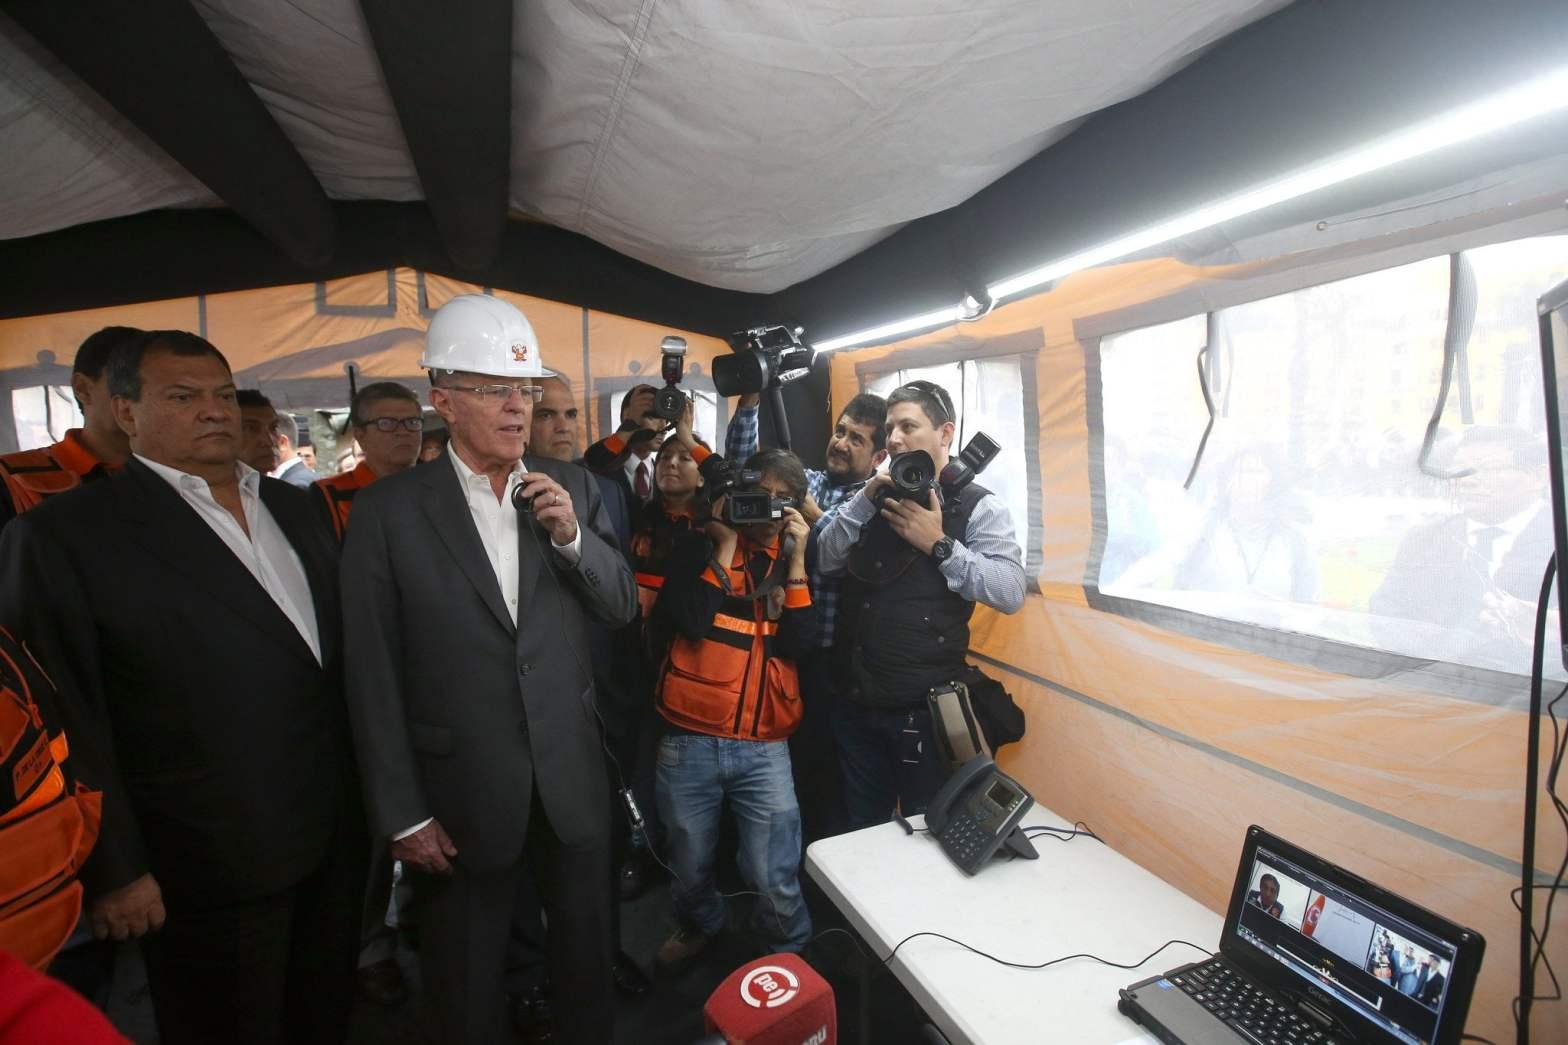 """Kuczynski: """"Se viene una curva ascendente de crecimiento y desarrollo en el Perú"""""""